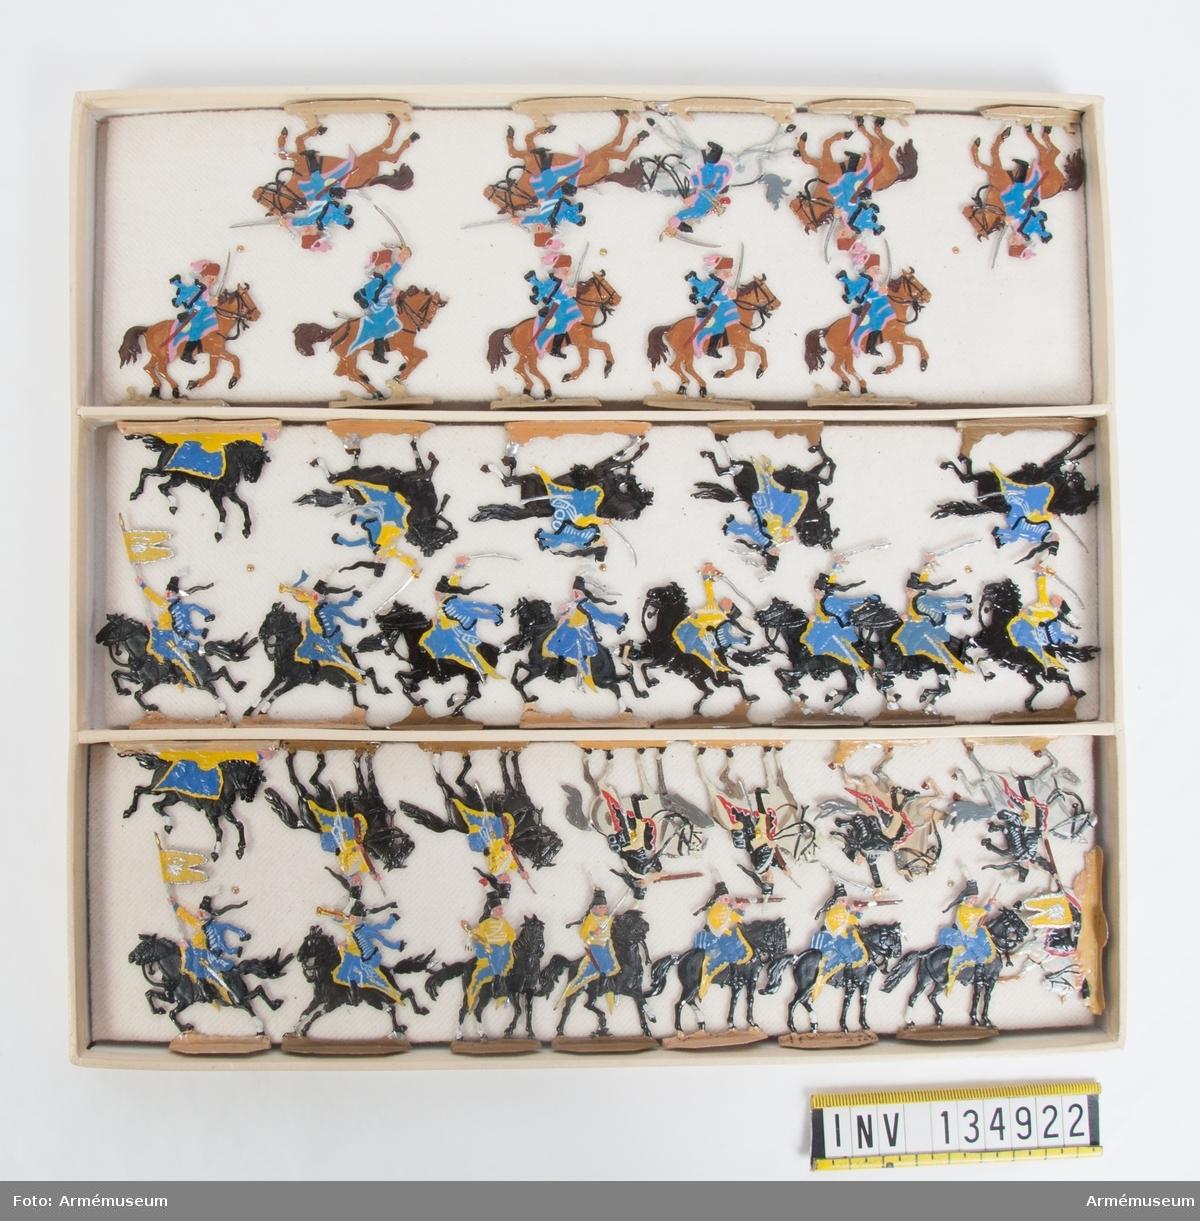 Husarer från Preussen från sjuåriga kriget. En låda med kavalleri i strid. Fabriksmålade.